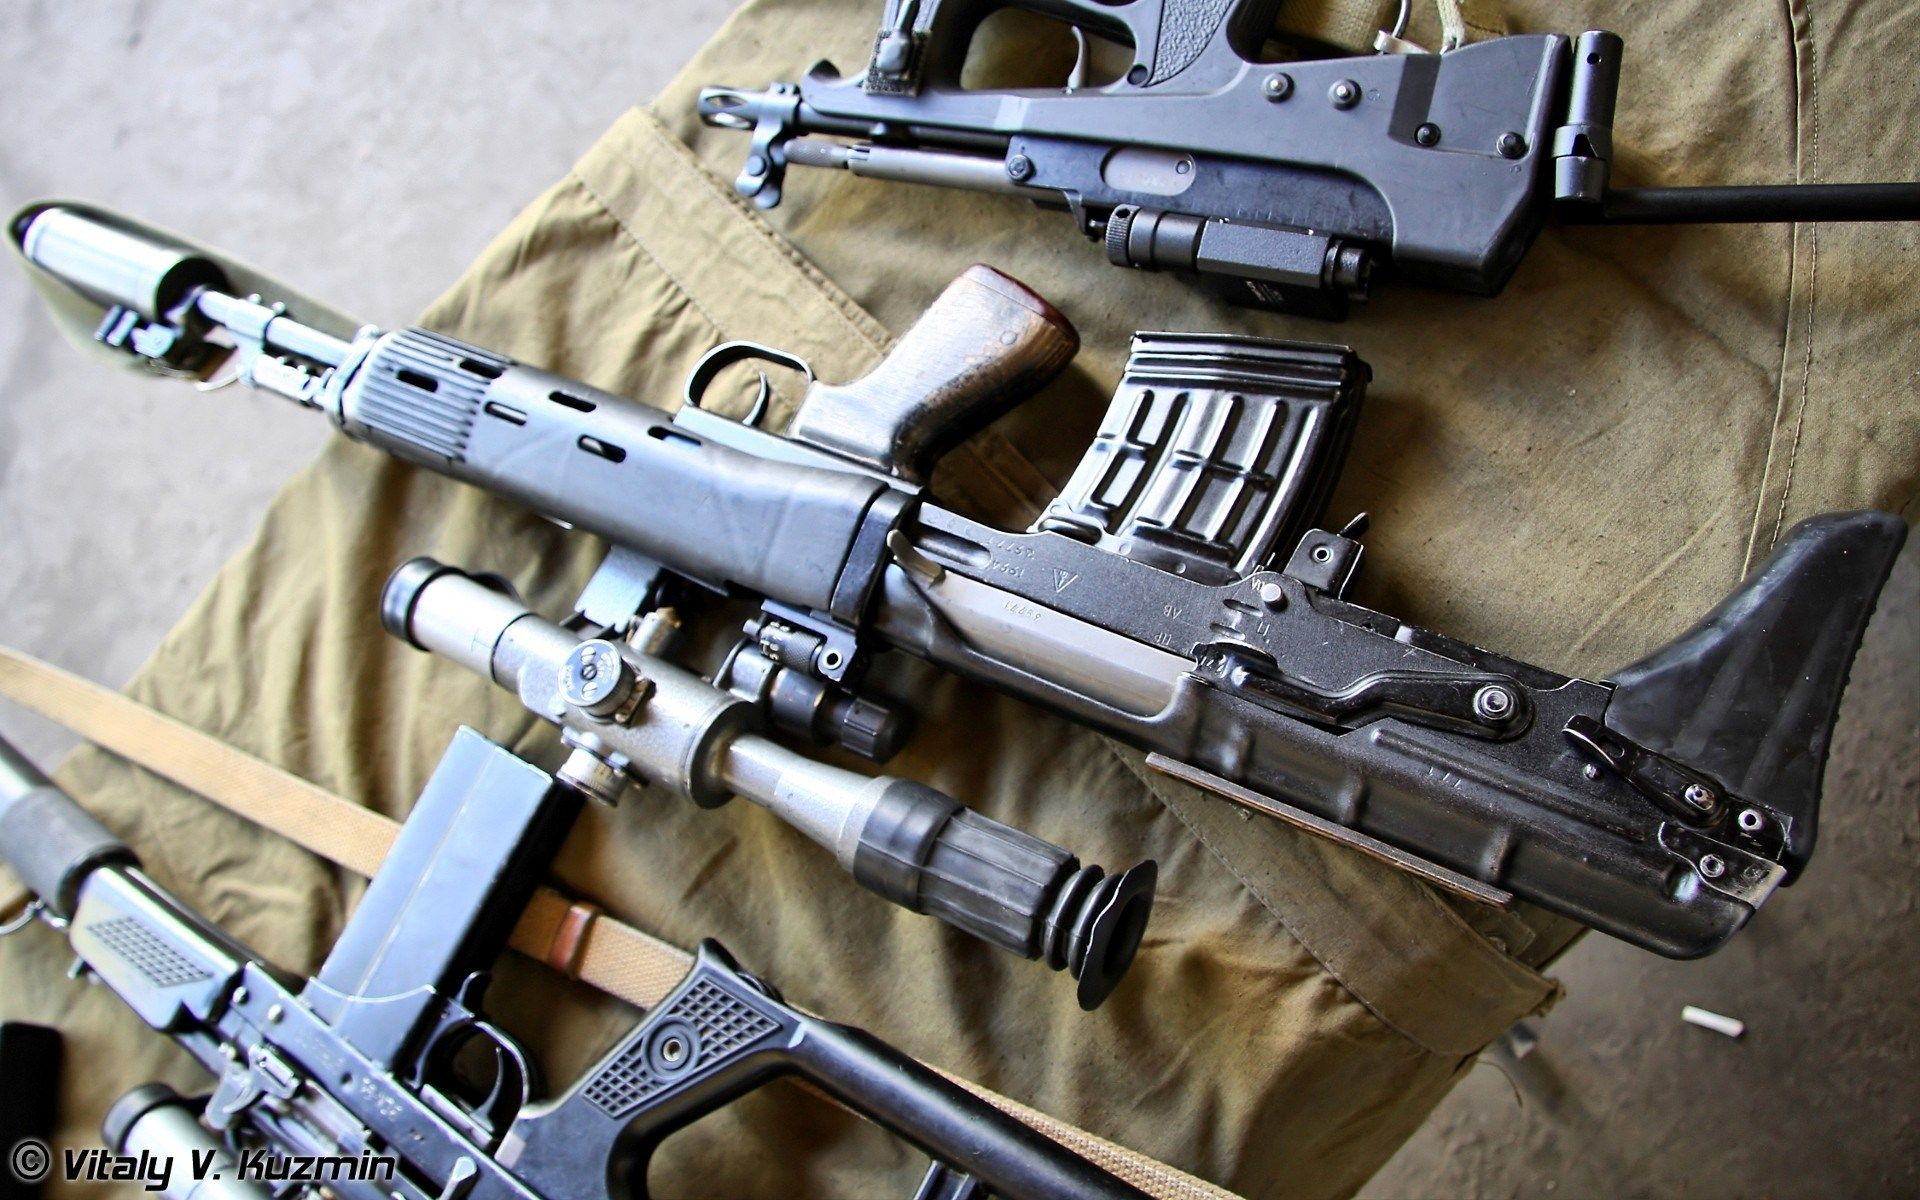 Vss Vintorez Svu Guns Weapons Sniper Rifles Widescreen Desktop Mobile Iphone Android Hd Wallpaper And